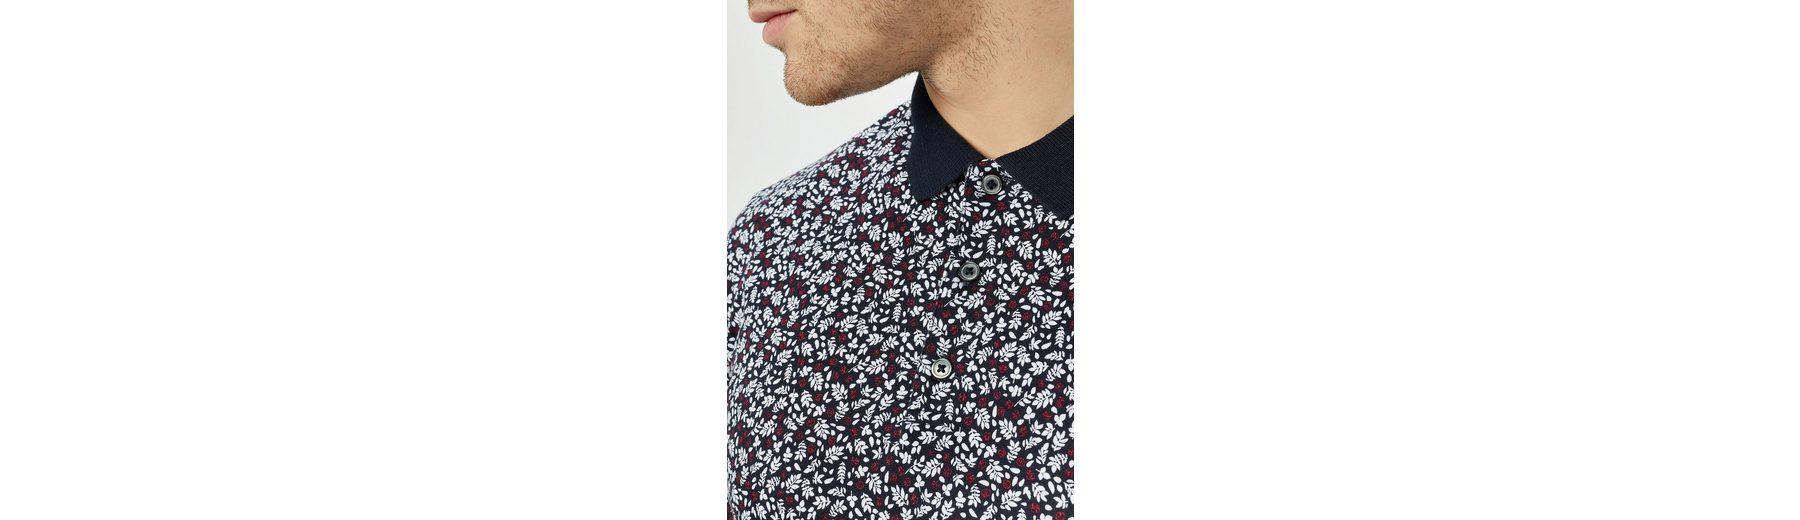 Next Poloshirt mit zartem Blumenmuster Footlocker Abbildungen Günstigen Preis xvdcM